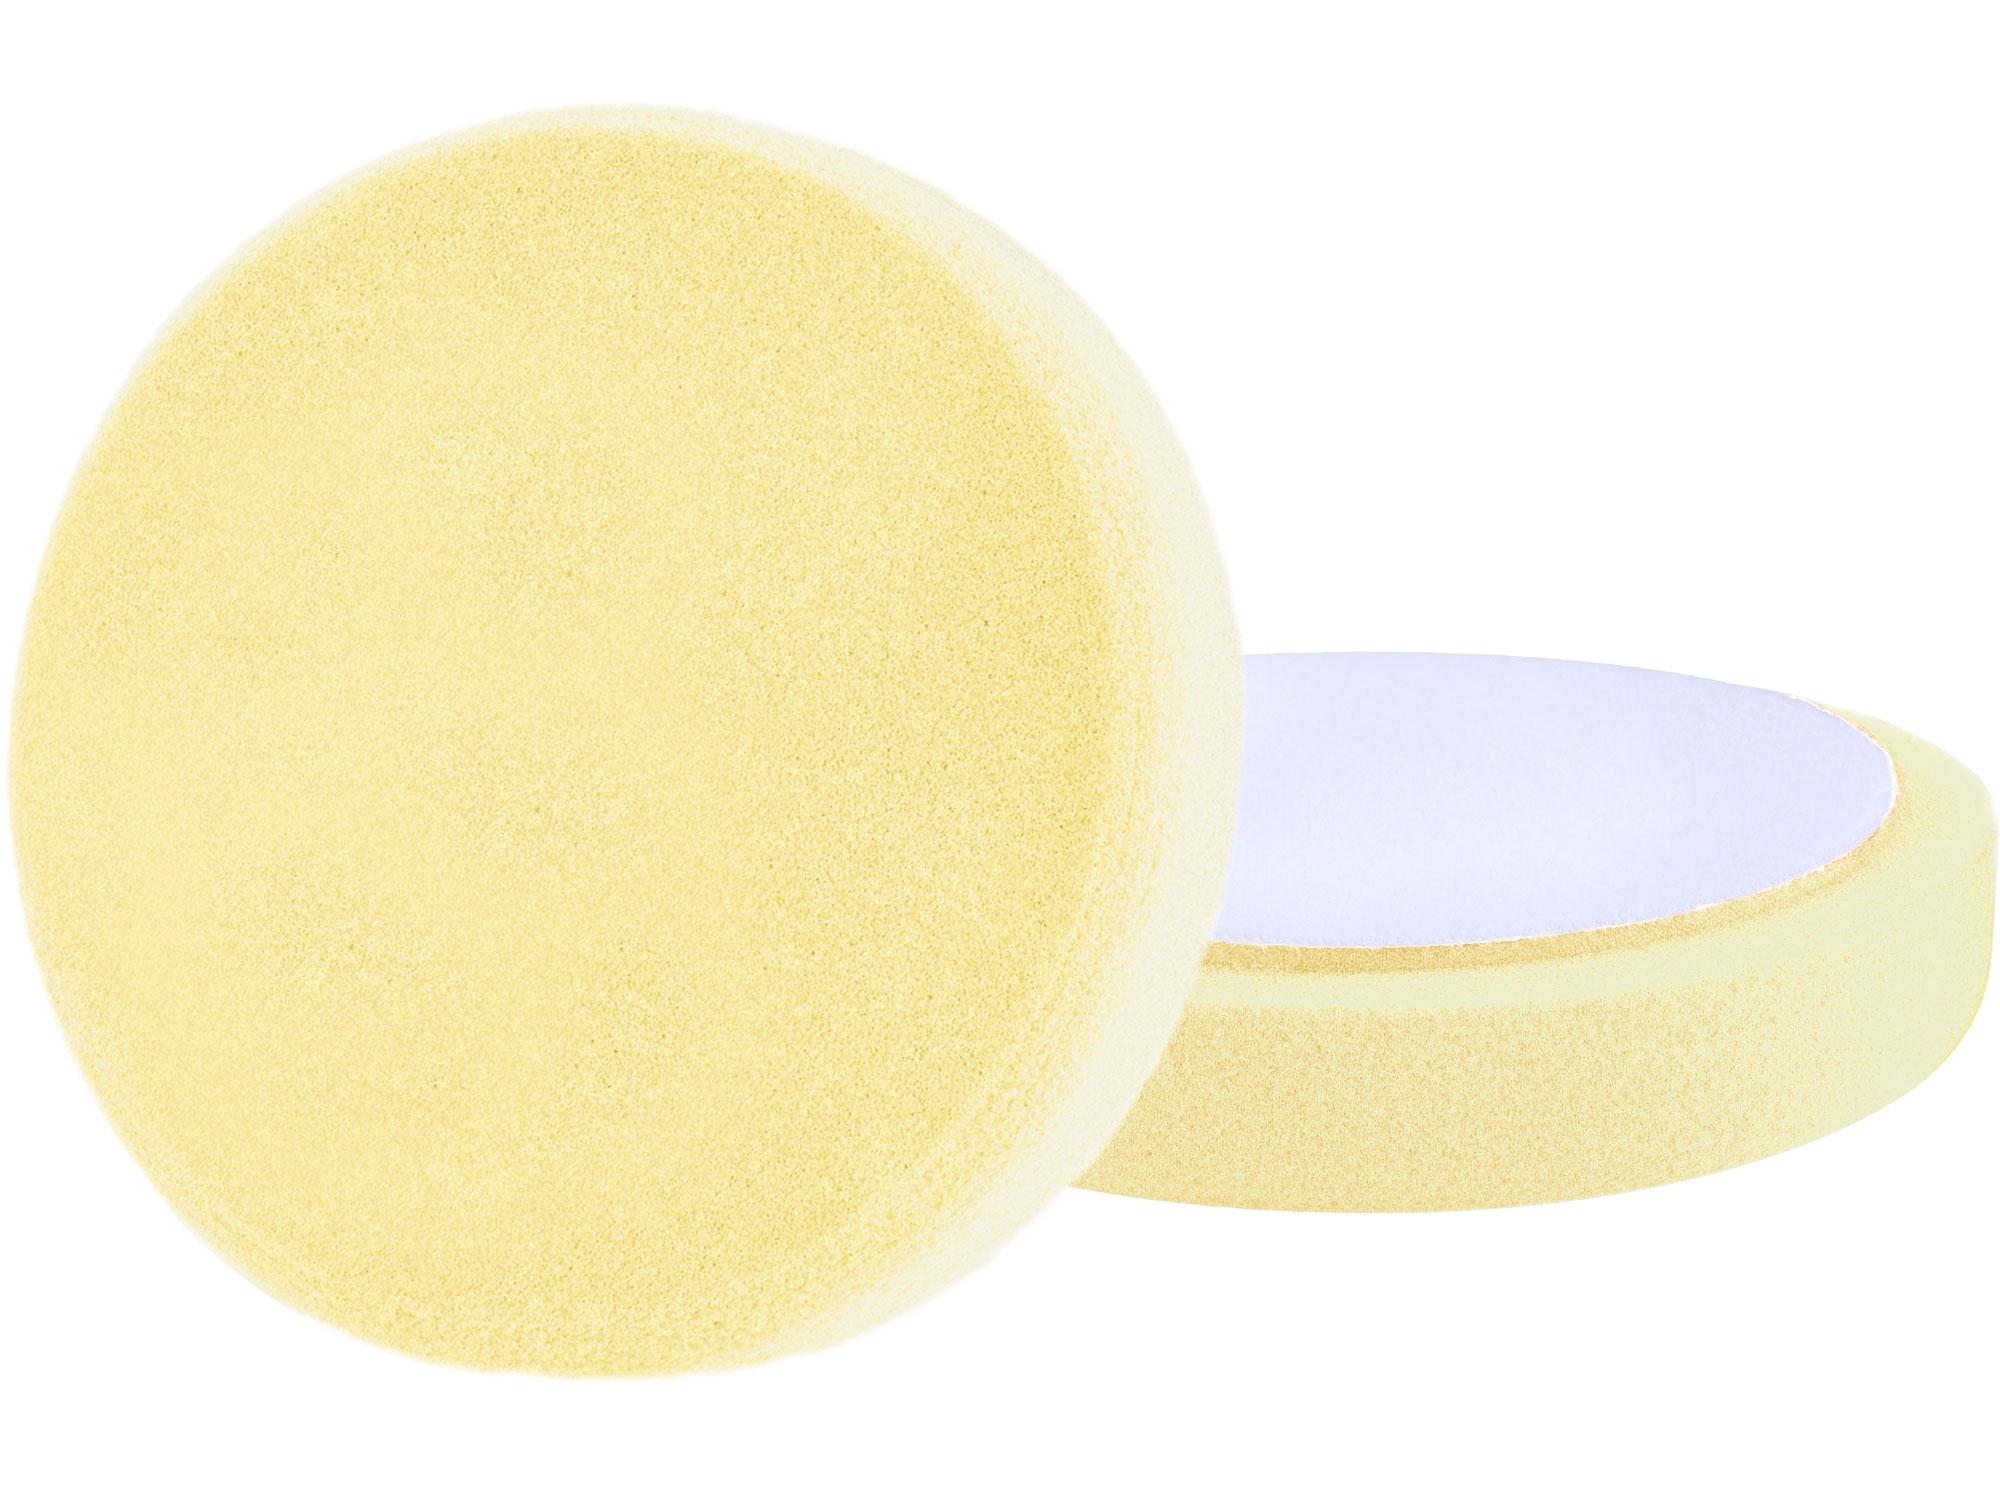 kotouč leštící pěnový, T80, žlutý, ⌀200x30mm, suchý zip ⌀180mm